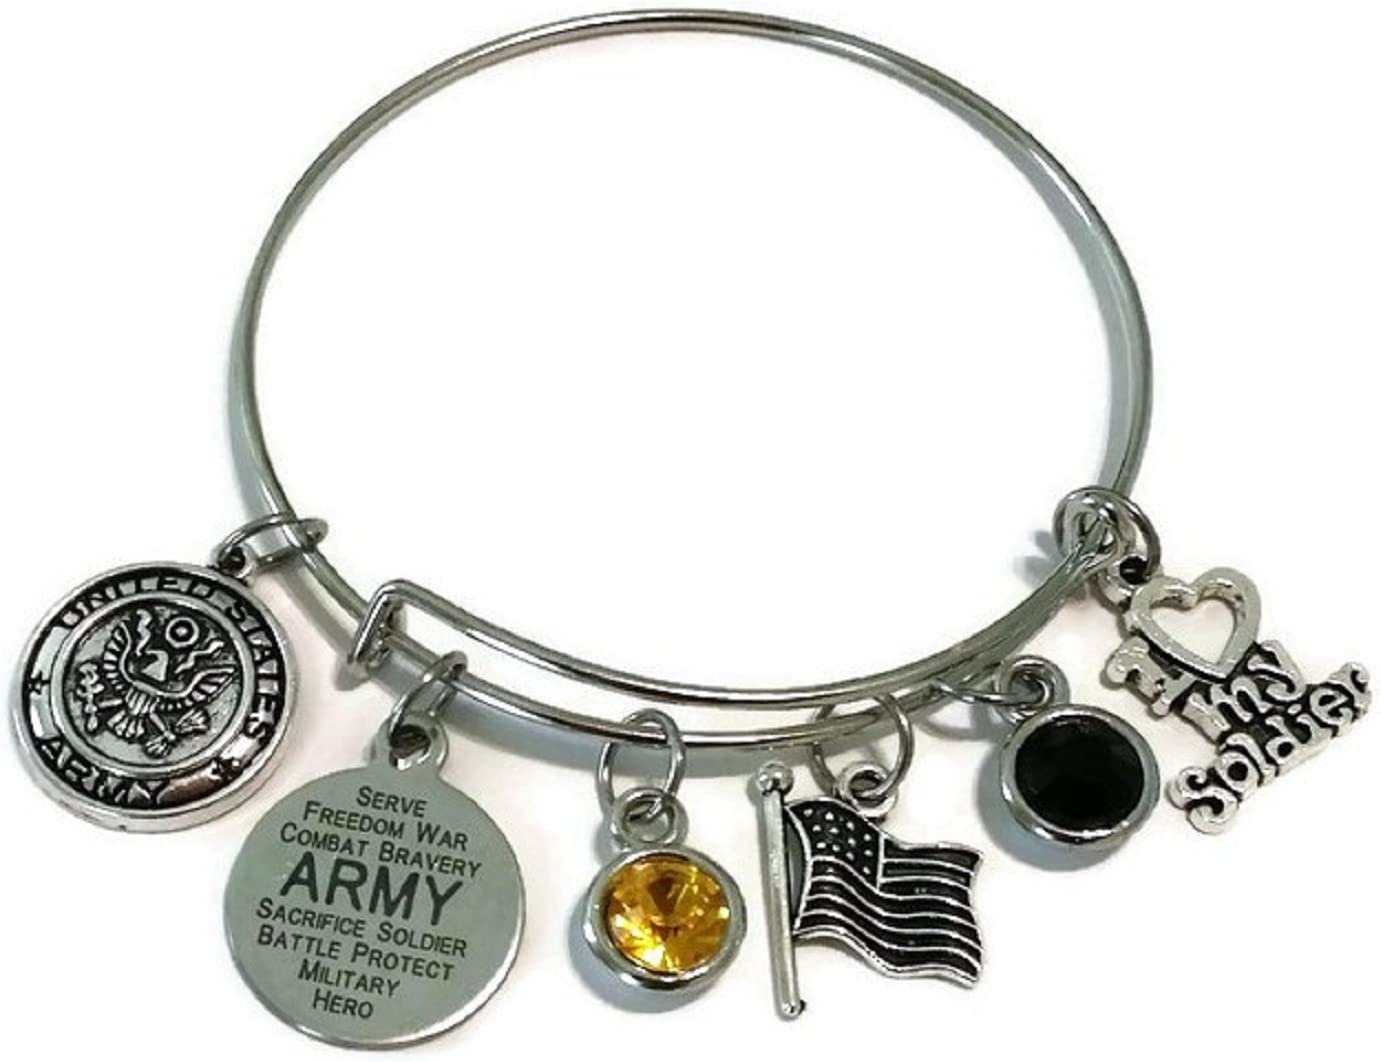 Army Sister Bracelet Army Jewelry Army Mom Bracelet Army Bangle Bracelet Army Wife Bracelet Army Girlfriend Bracelet Kits Kiss Army Bracelet